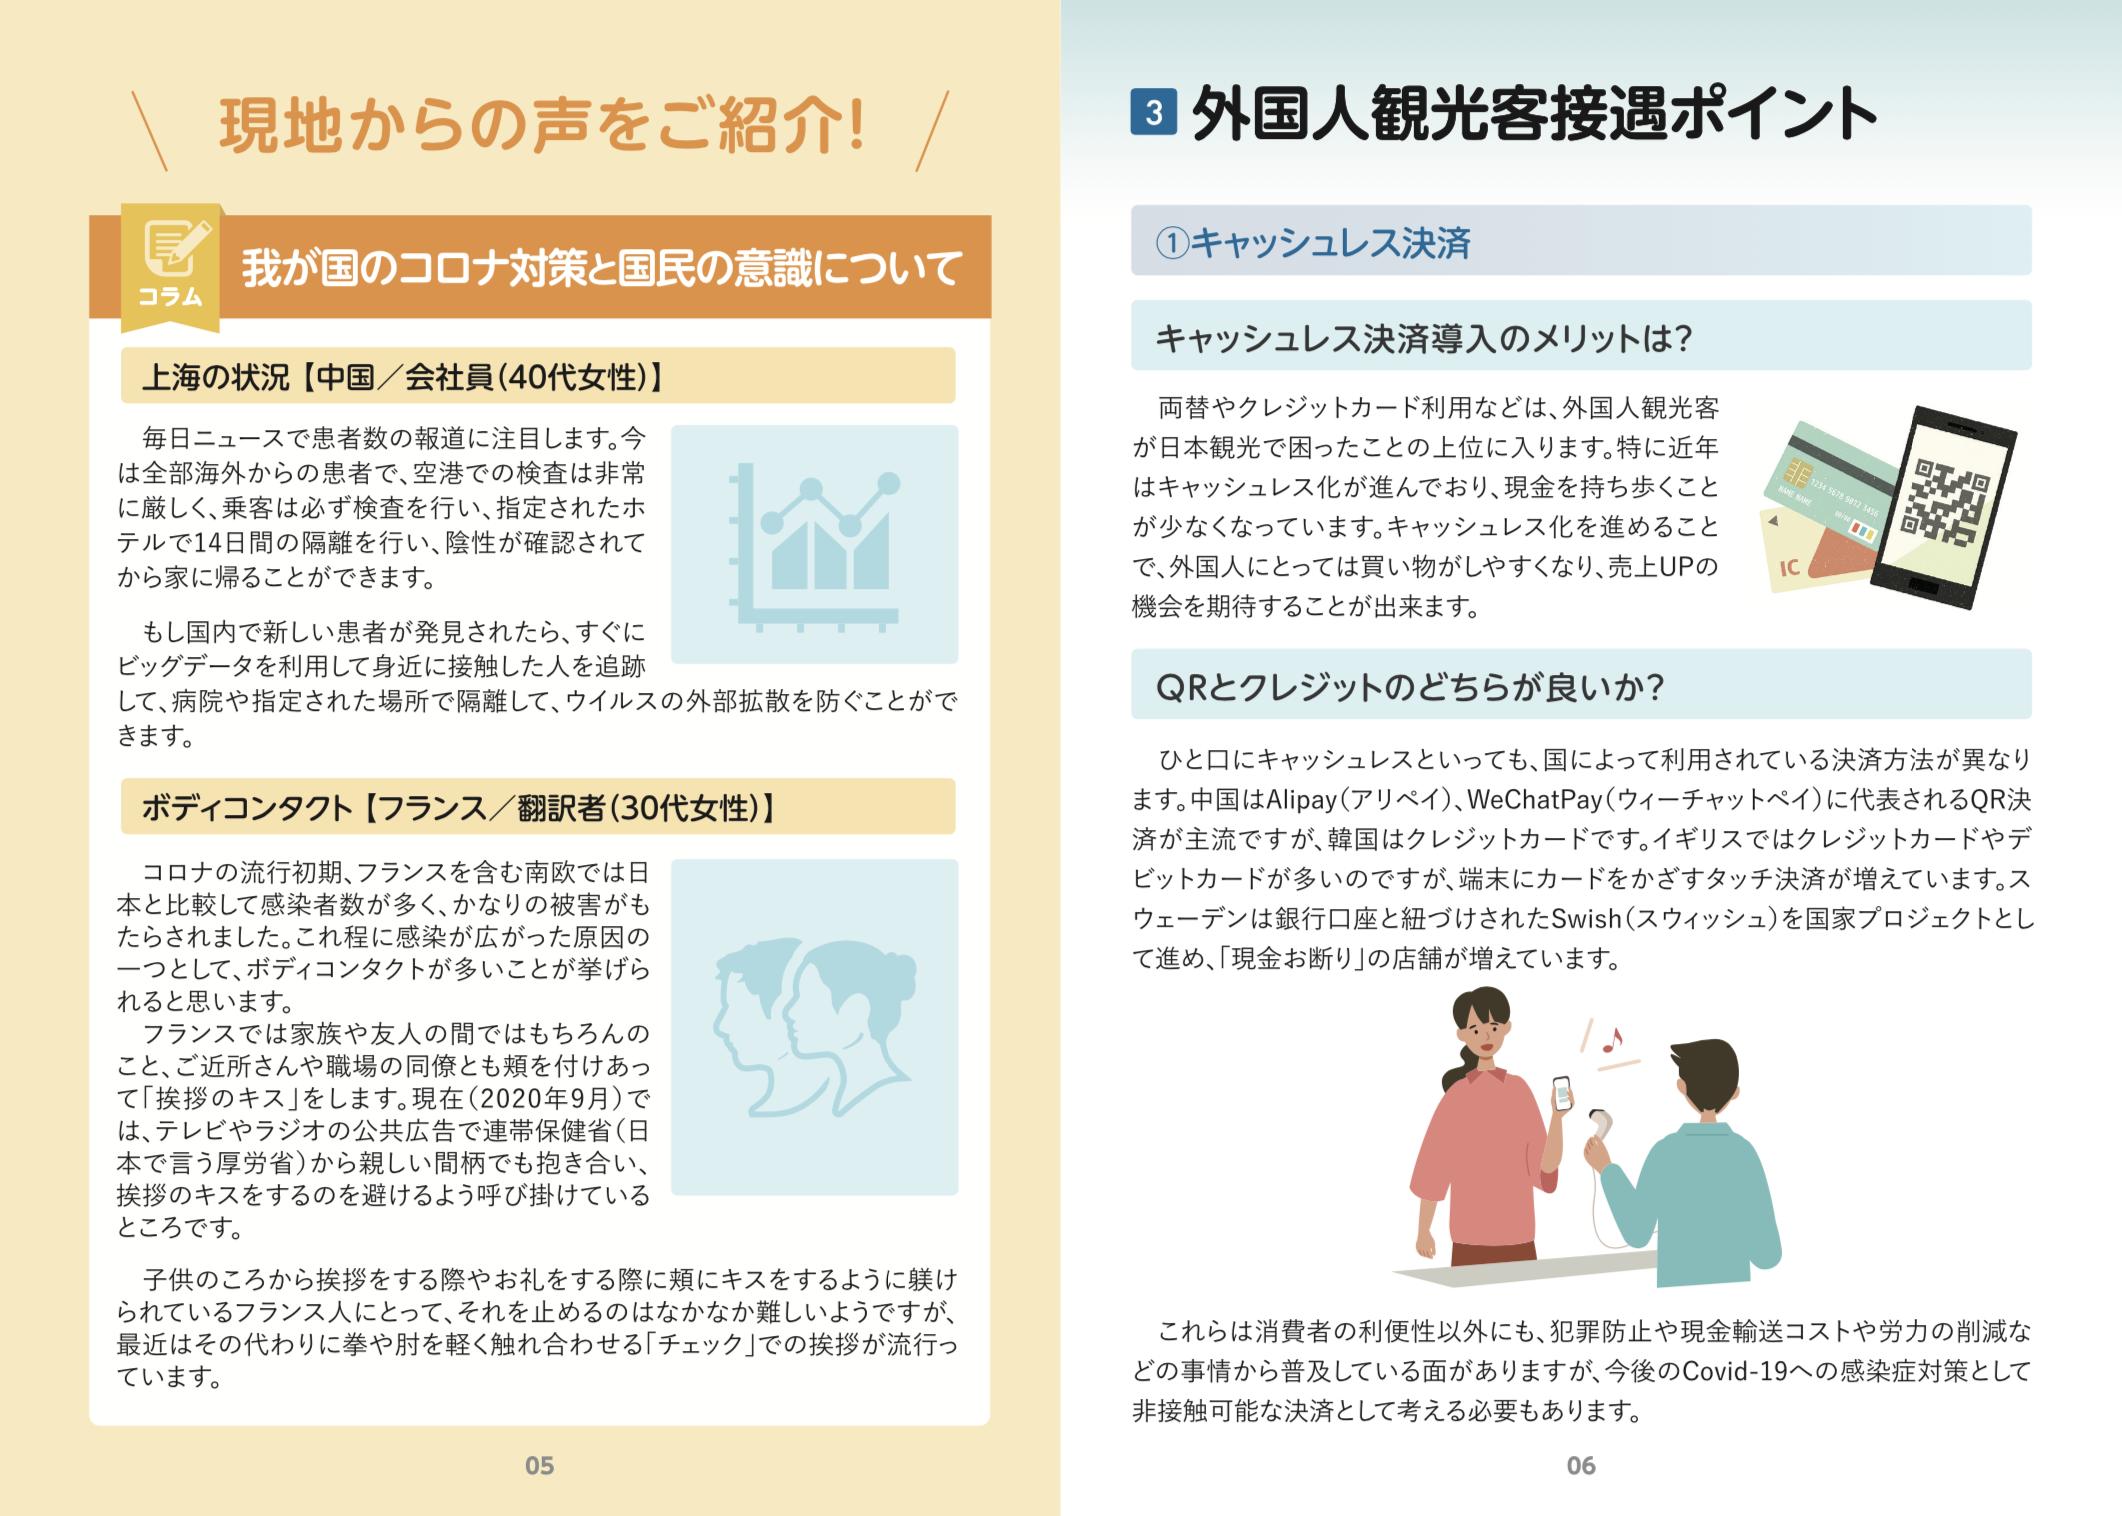 2020 インバウンド事業 現場対応者向け研修 ハンドブック【A5/24p】